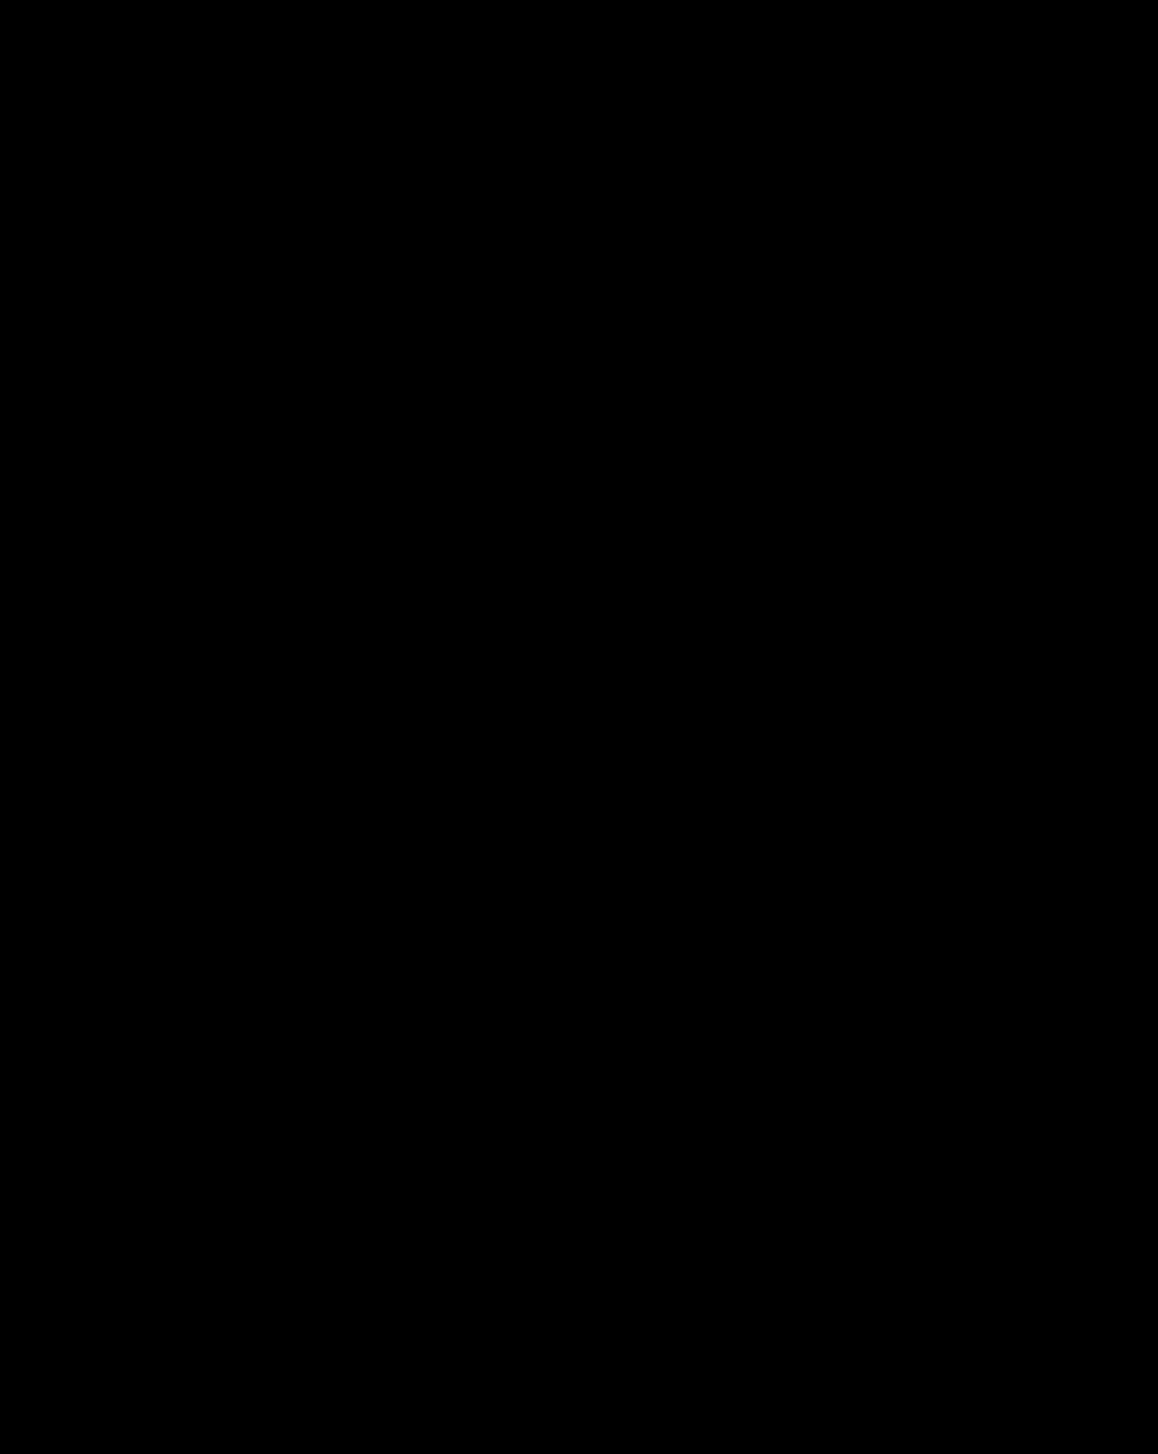 TARGRISSI' SNACKS – PIZZA FLAV. 210 GR (35GR X 6PCS)